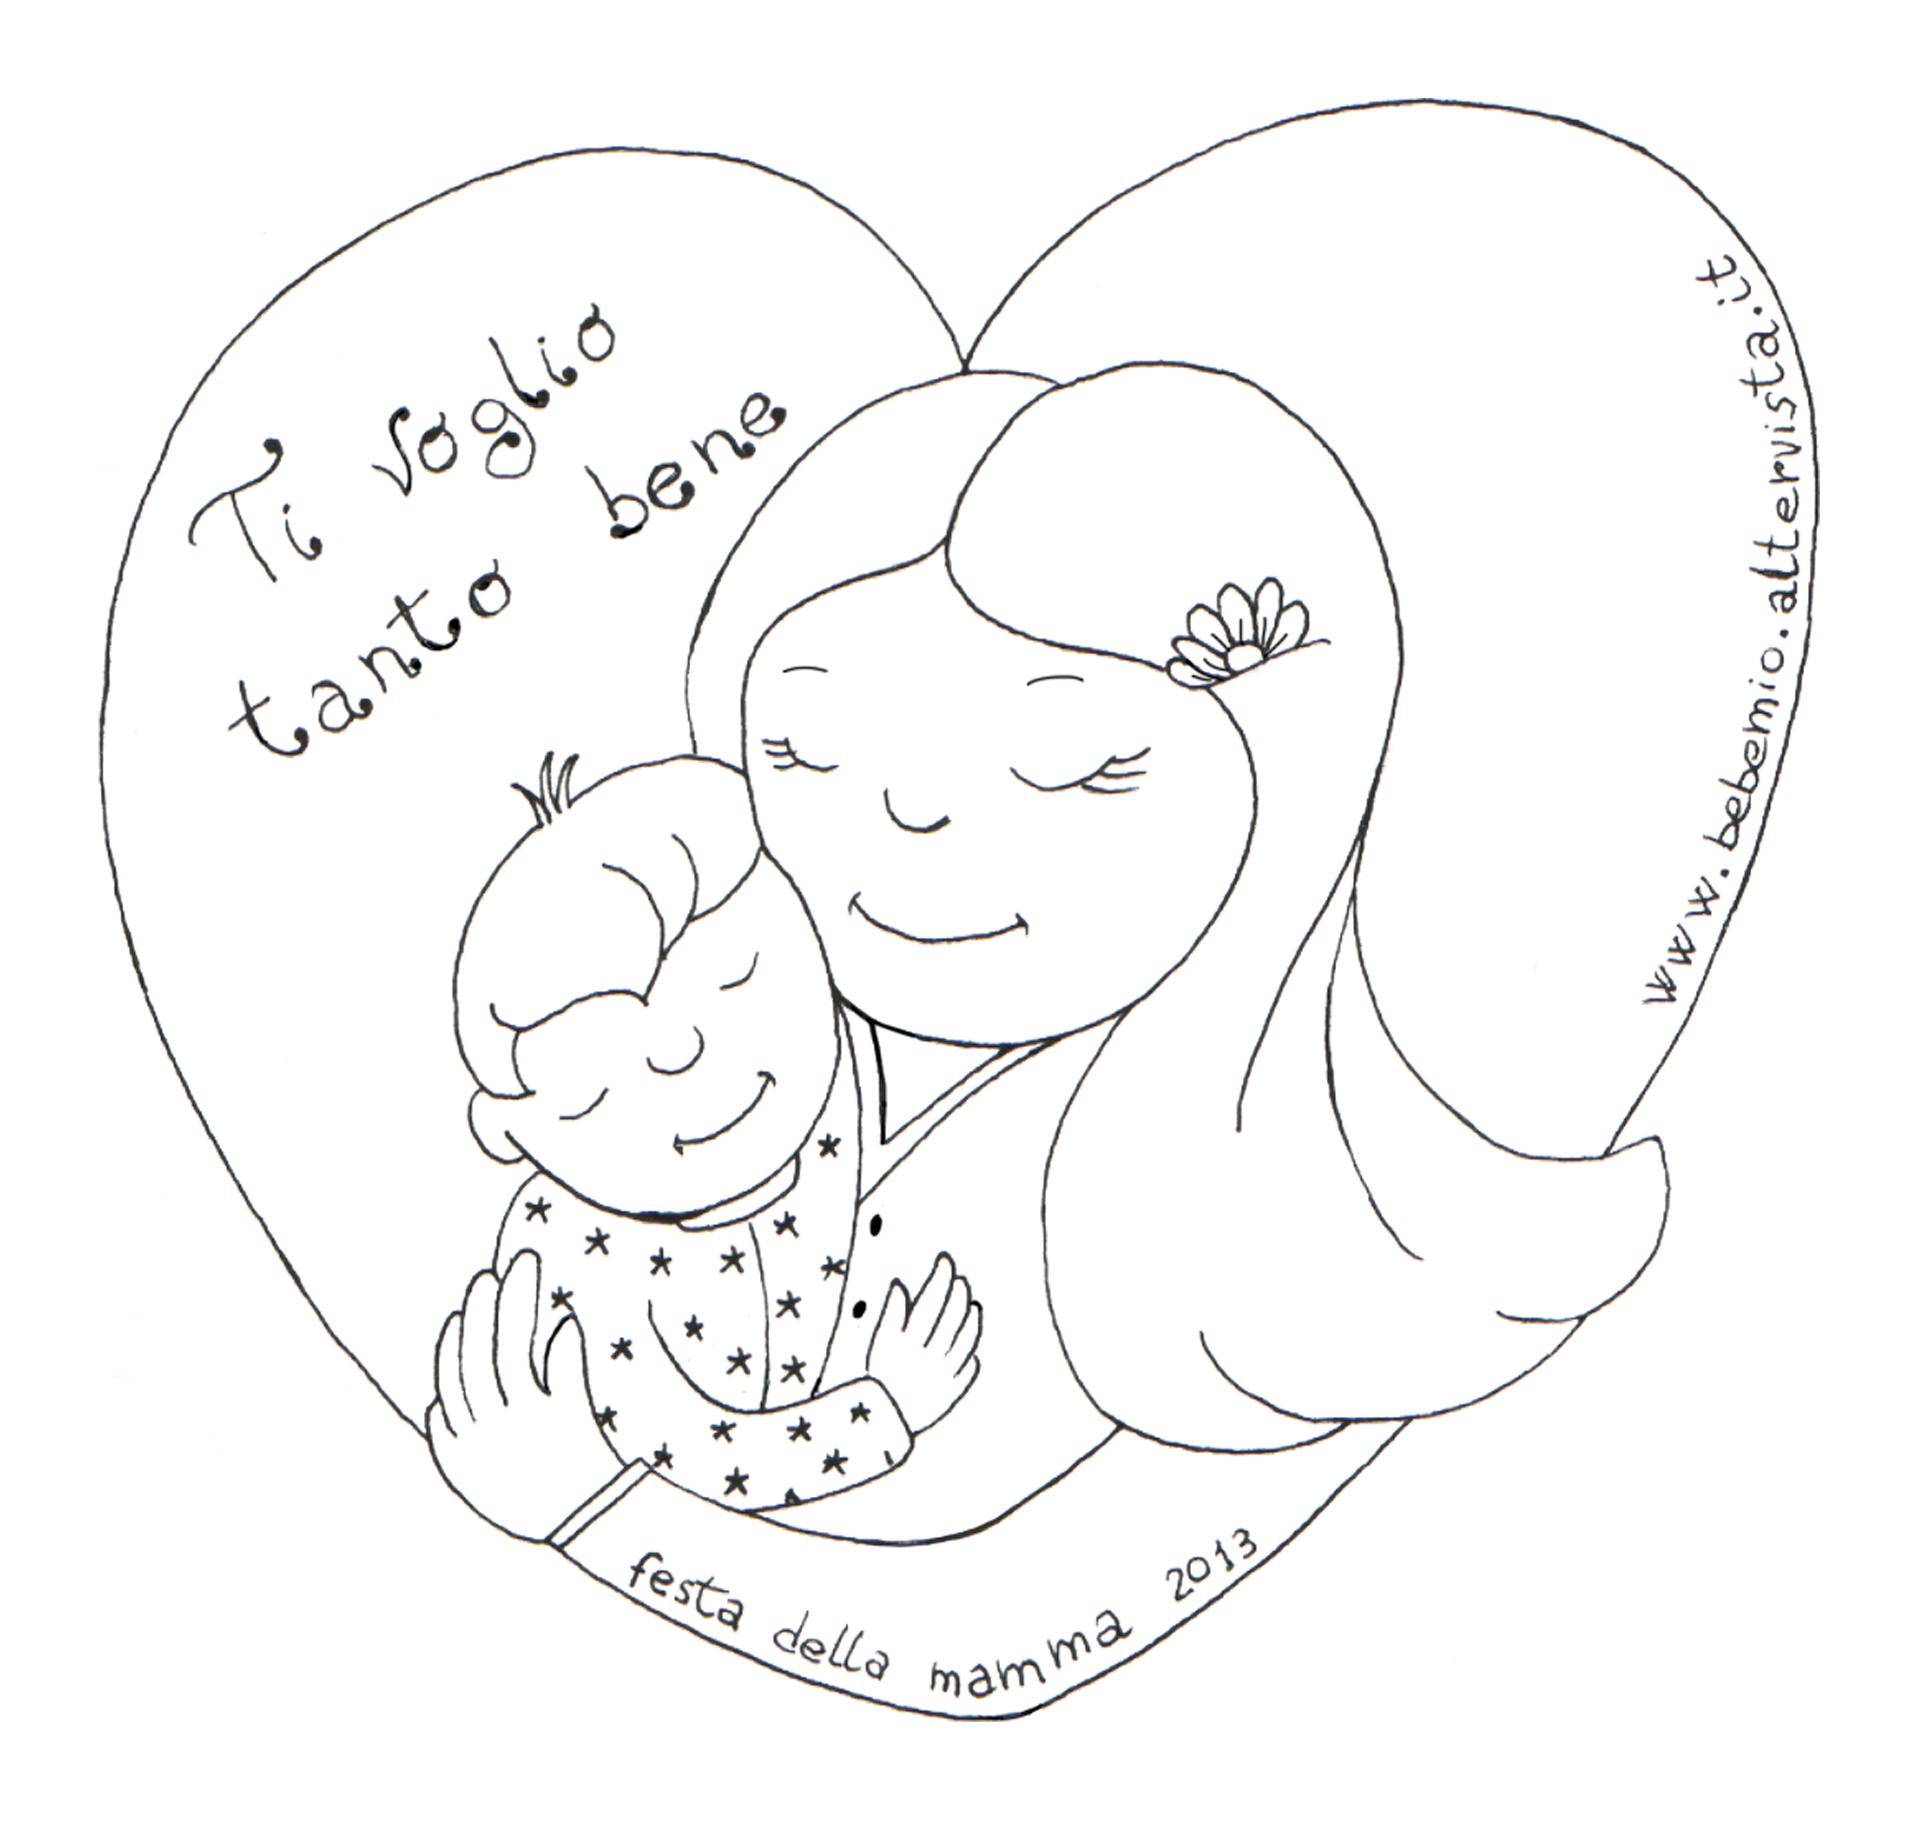 Disegno festa della mamma 2013